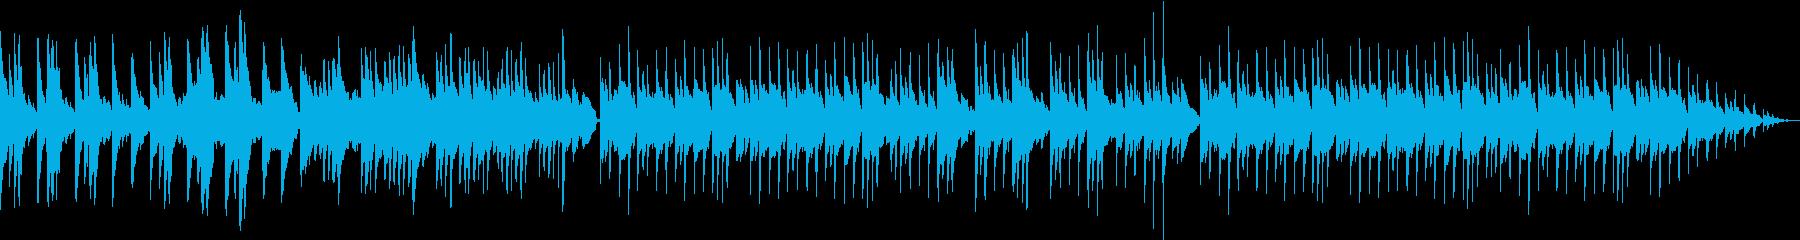 ほのぼのと明るい雰囲気のピアノメインの曲の再生済みの波形